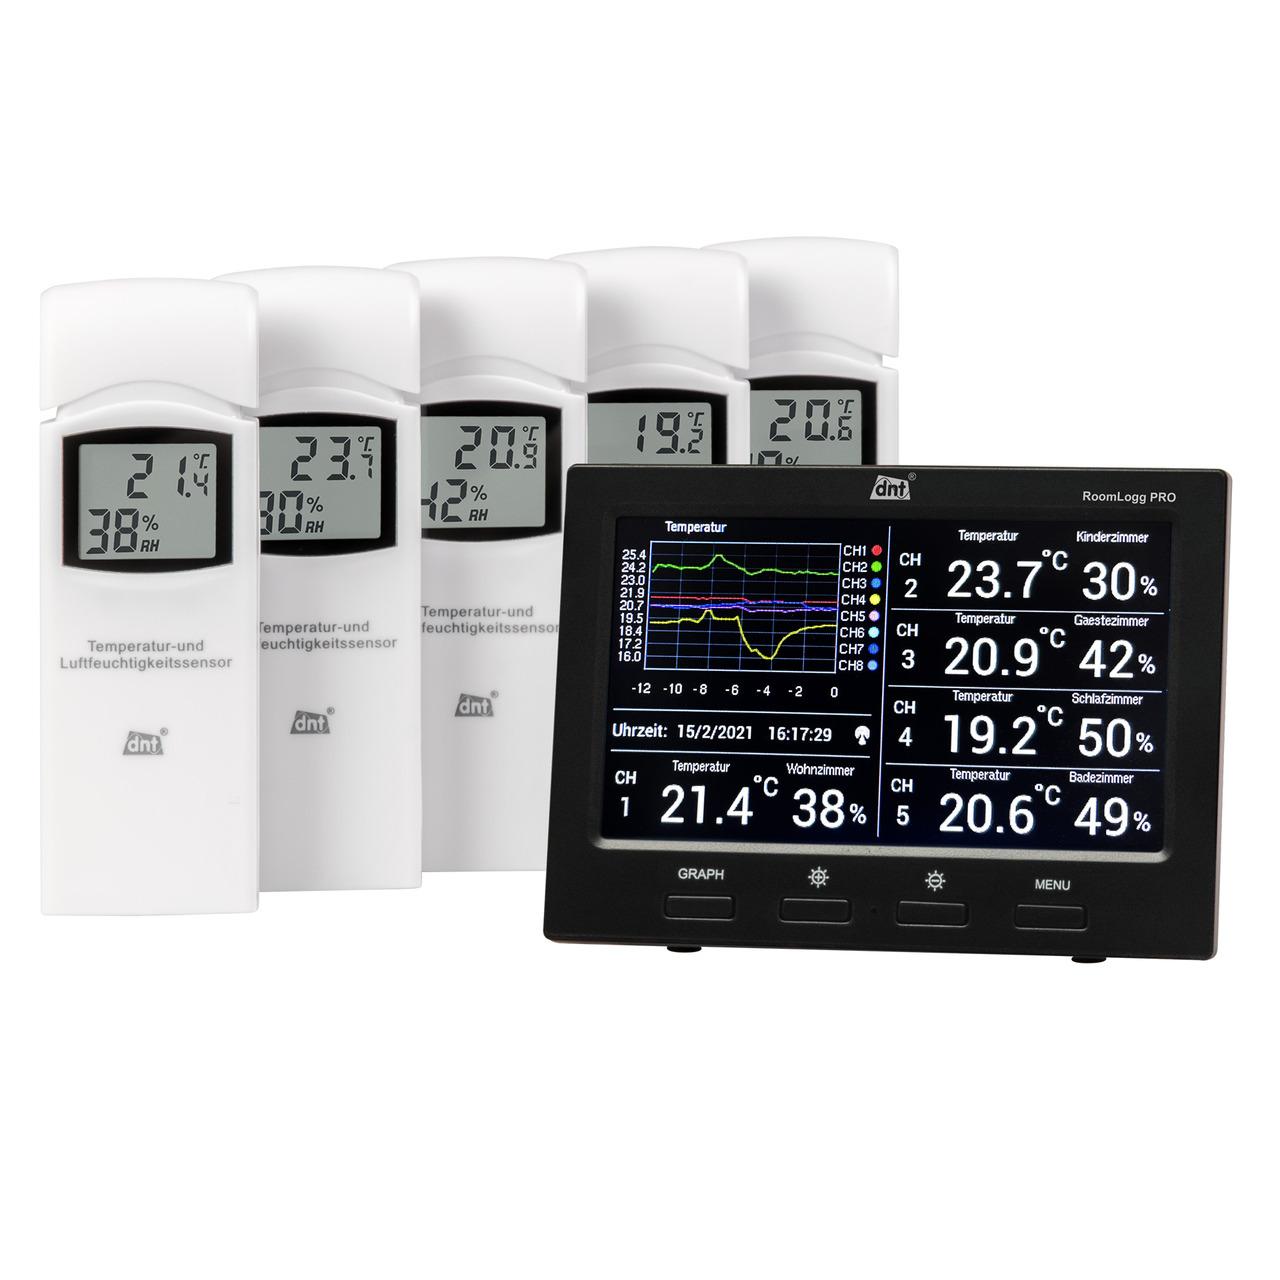 dnt Funk-Raumklimastation RoomLogg PRO- 868 MHz- inkl- 5 Thermo-Hygrosensoren und Auswertesoftware